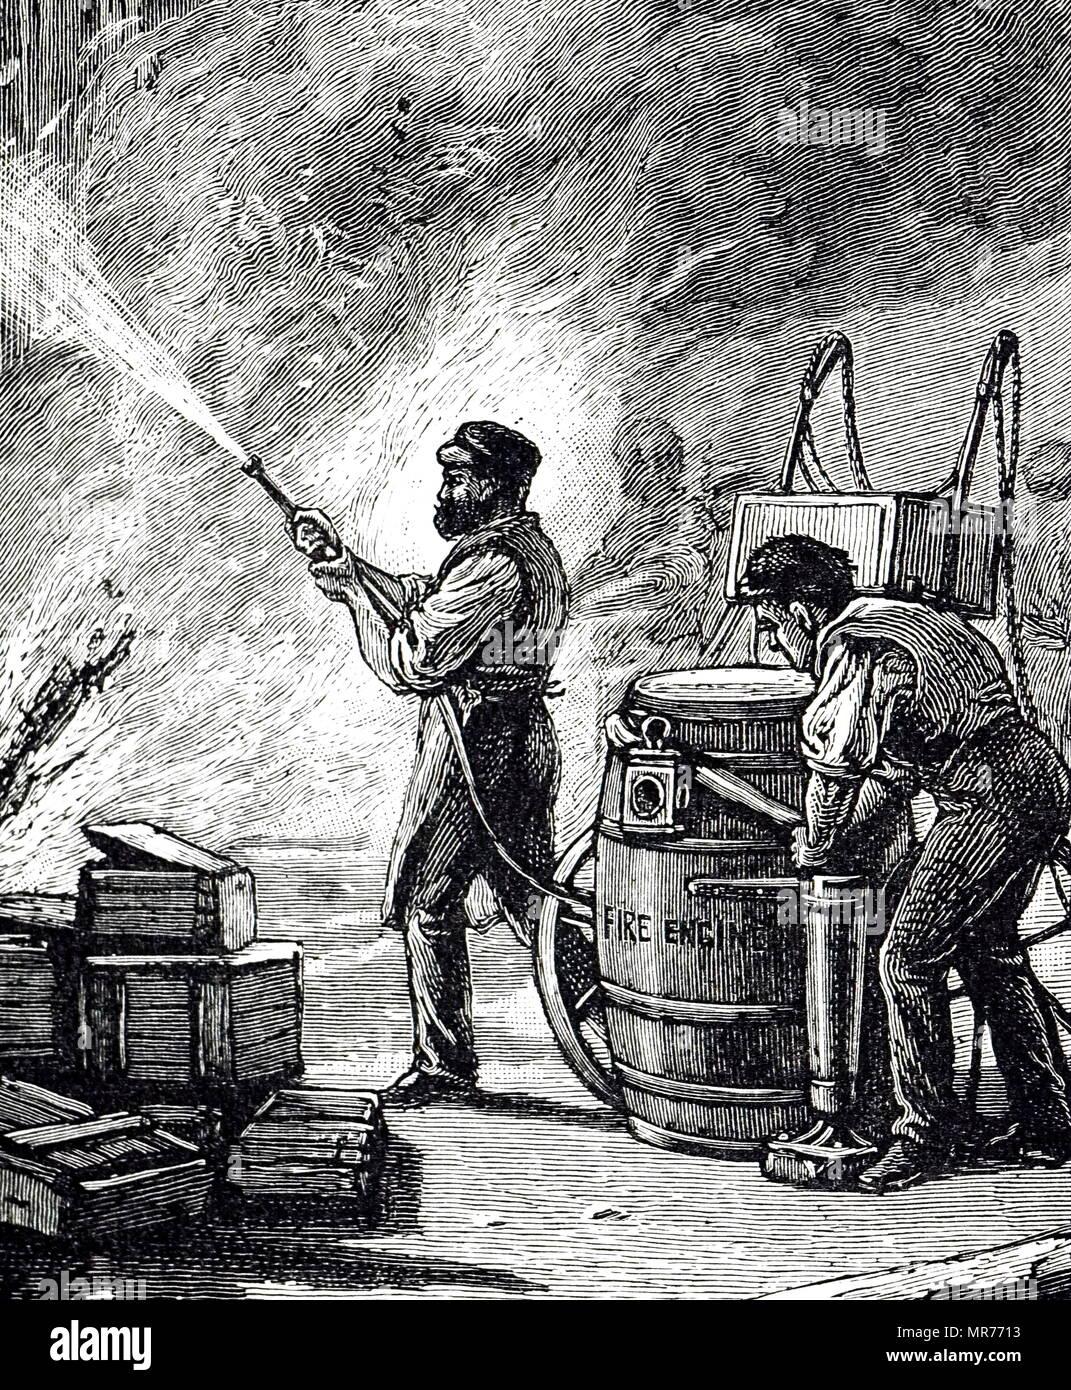 Kupferstich mit der Darstellung eines kleinen tragbaren Fire Engine, eine erste Ladung von 36 Gallonen Wasser, so dass es eine Flamme ohne Verzögerung an den Hydranten angeschlossenen, anzugreifen oder an Ort und Stelle befüllt. Die Entlastung für 6 Minuten und dann wieder aufgefüllt werden. Vom 19. Jahrhundert Stockbild